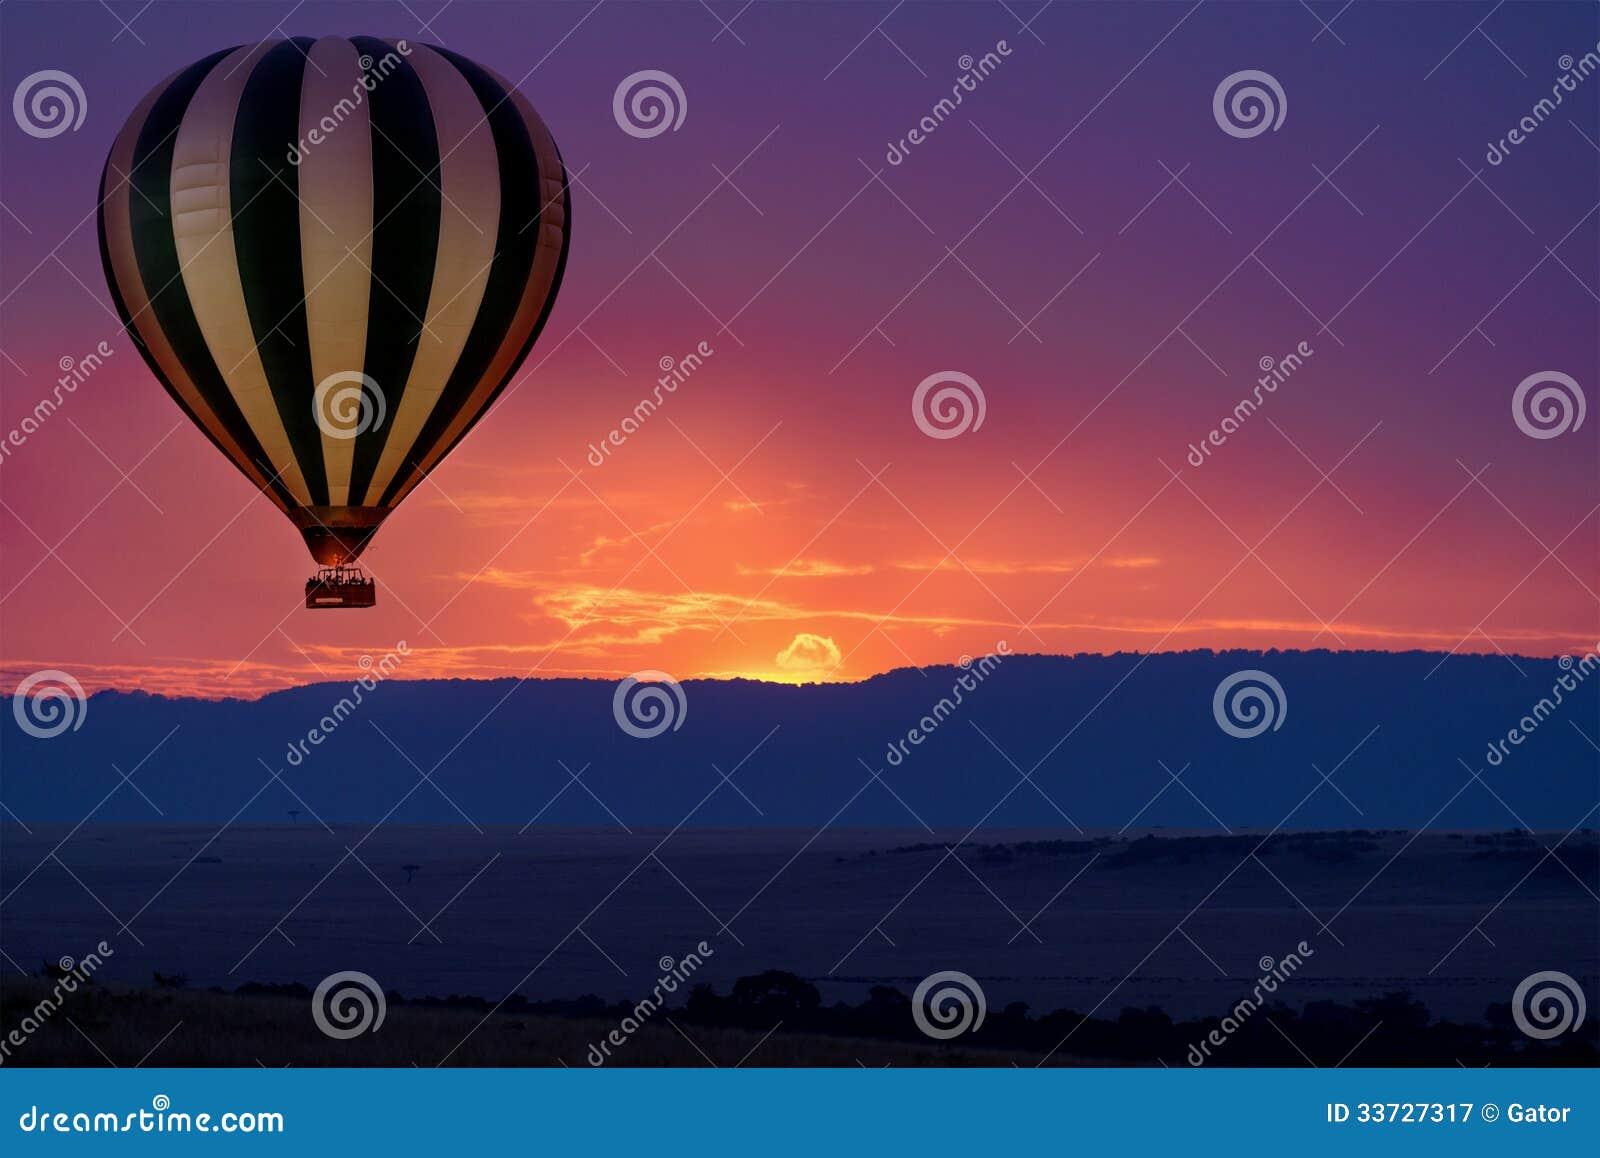 Сафари воздушного шара